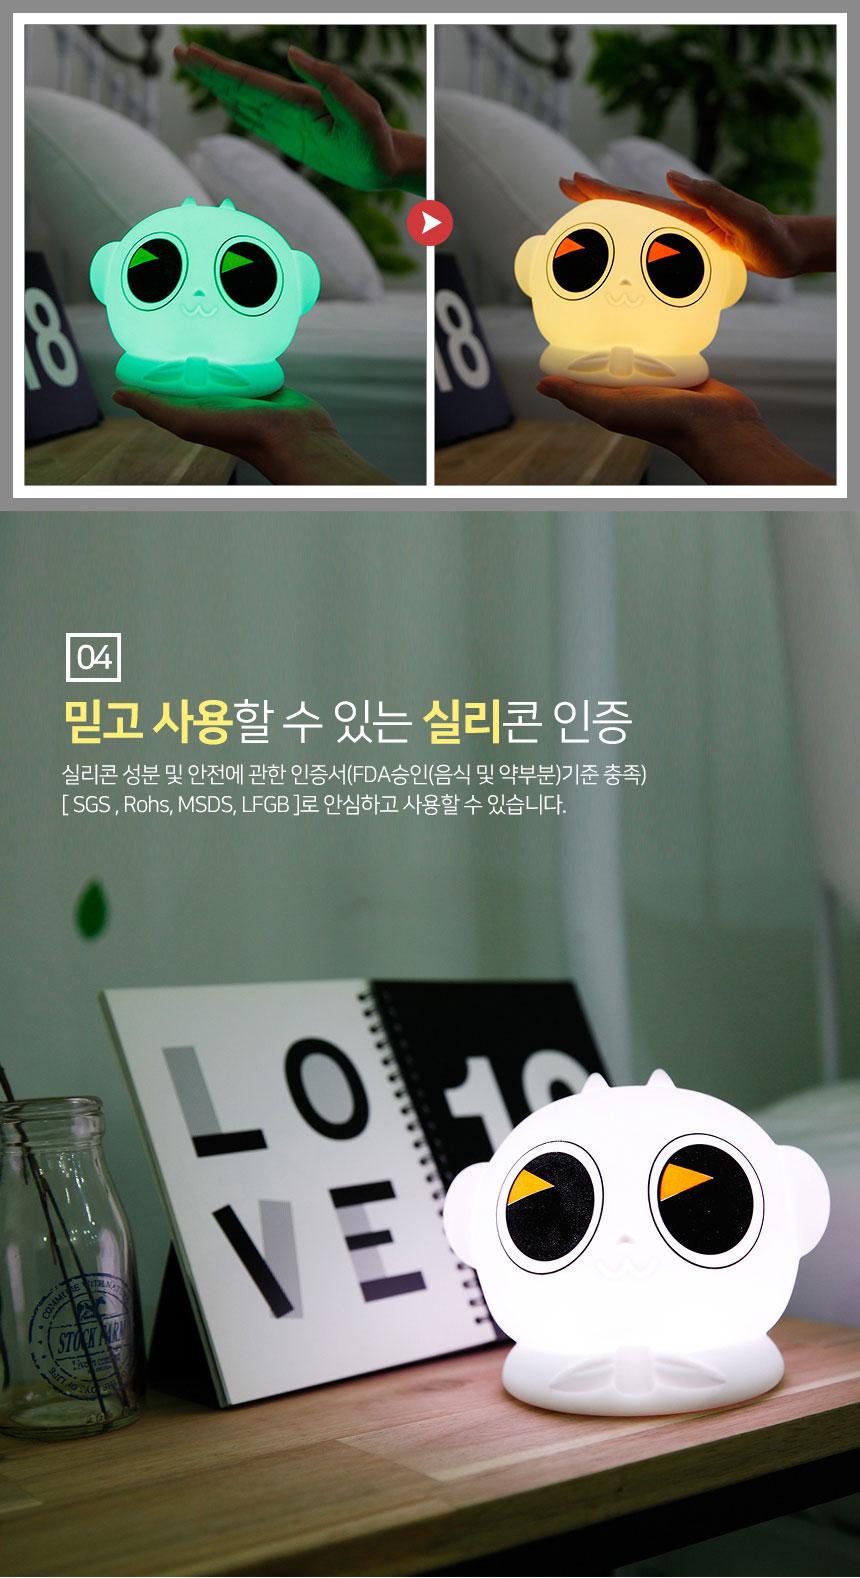 신비아파트 신비 LED 무드등 (FL-L) - 신비아파트, 28,000원, 디자인조명, 캐릭터조명